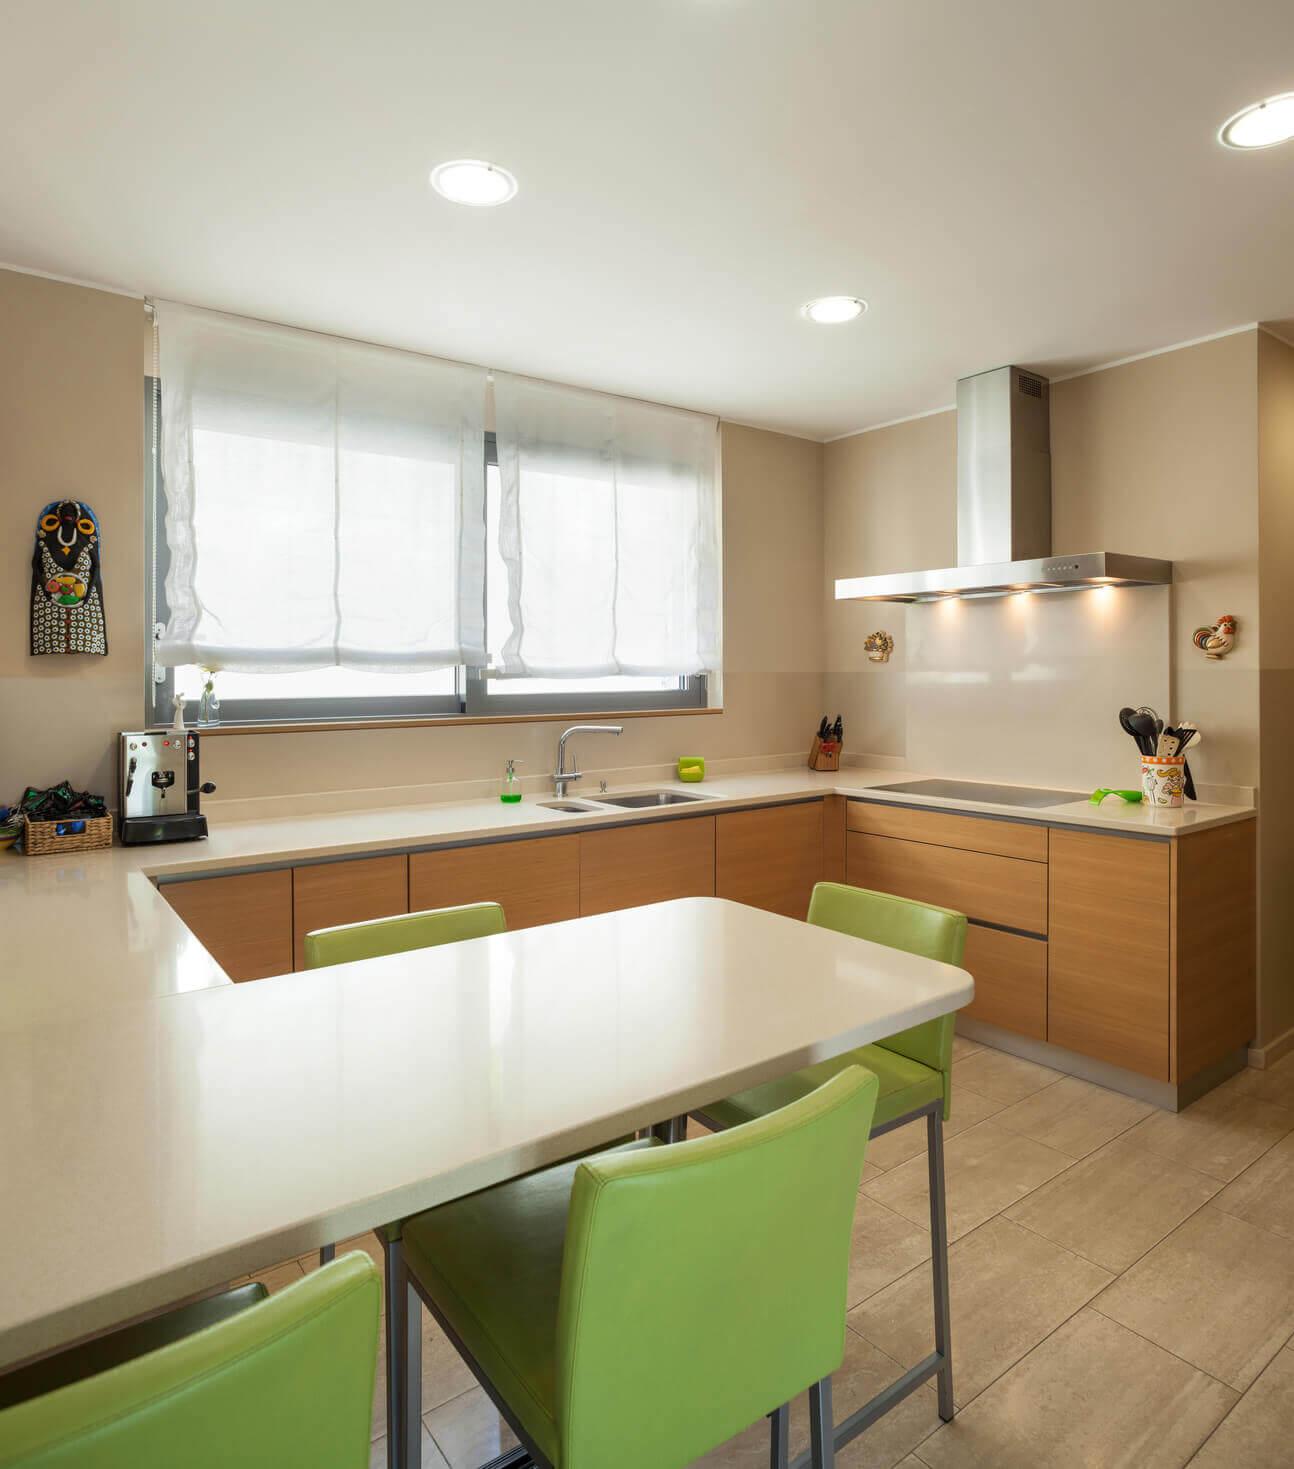 Cocinas con pennsula en Vitoria  Tierra Home Design